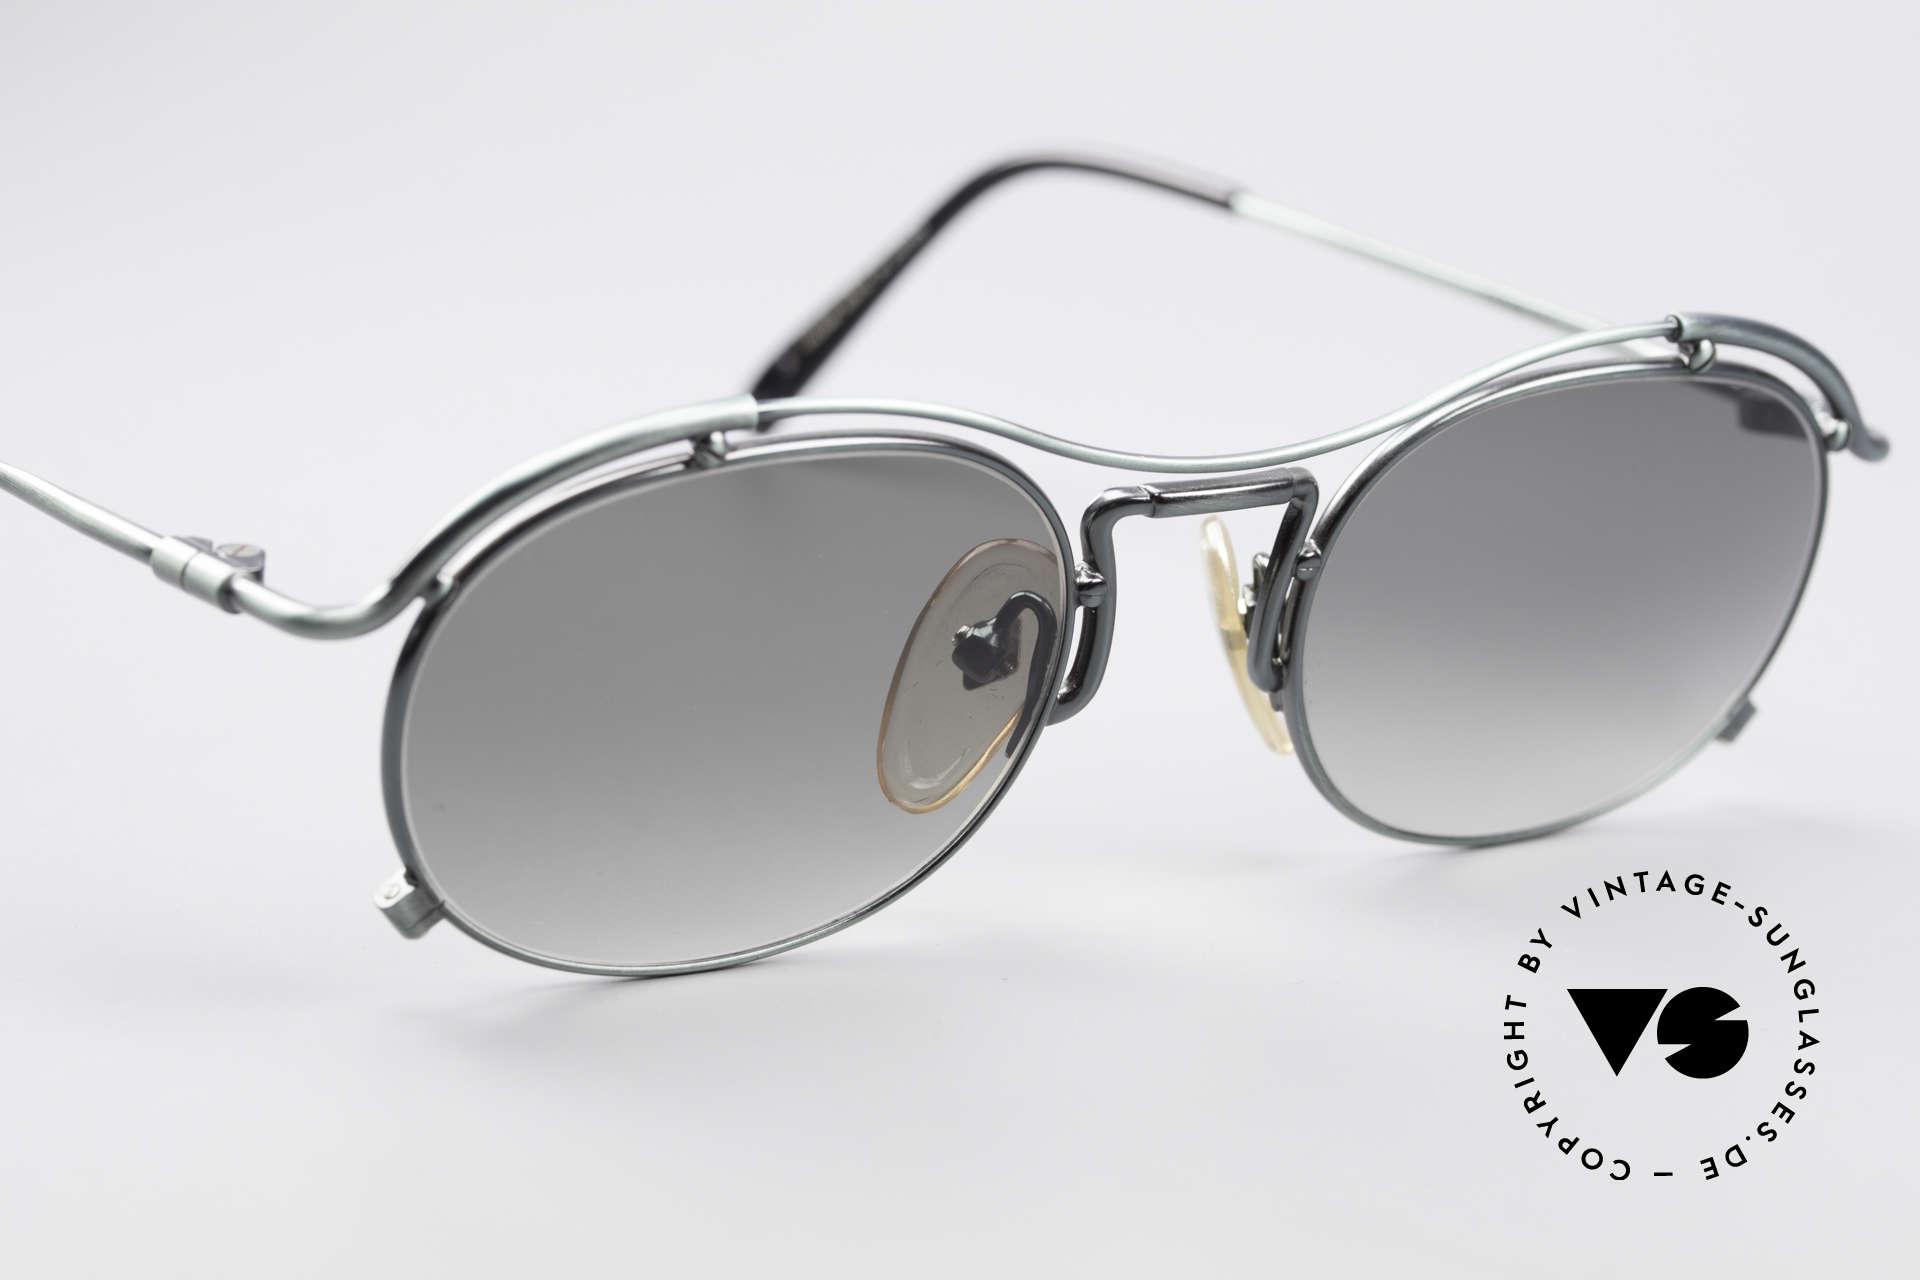 Jean Paul Gaultier 55-2170 Vintage 90er Sonnenbrille, ungetragen; wie alle unsere 90er JPG Sonnenbrillen, Passend für Herren und Damen